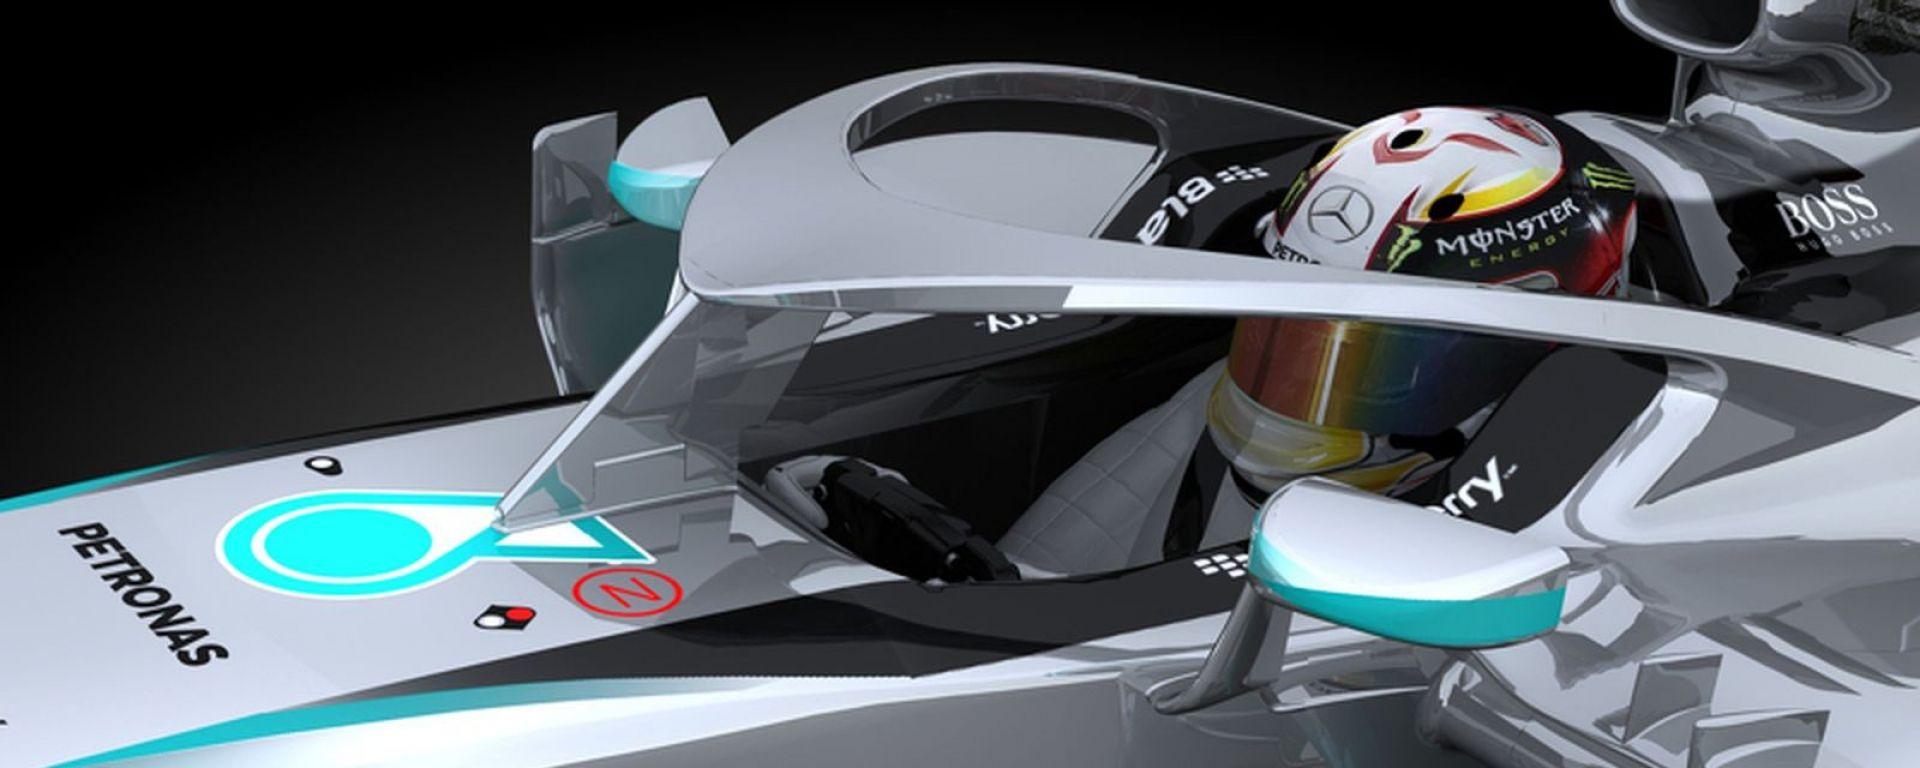 L'Halo della Mercedes può sopportare il peso di un autobus